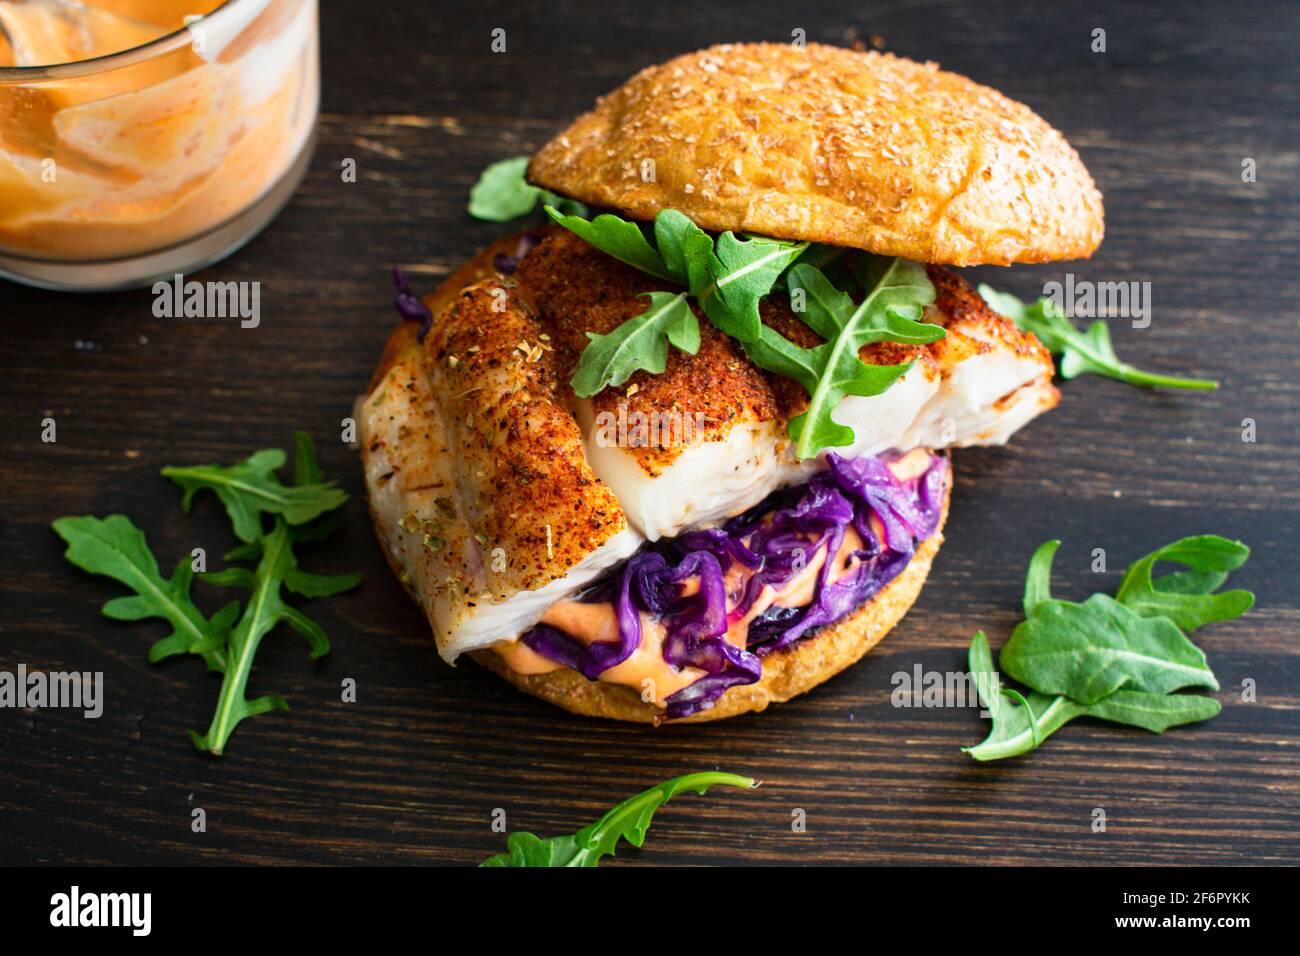 Hamburguesa de pescado ennegrecido y Sriracha Mayo: Un sandwich de pescado de halibut con col roja y arúgula en un bollo entero de brioche de trigo Foto de stock